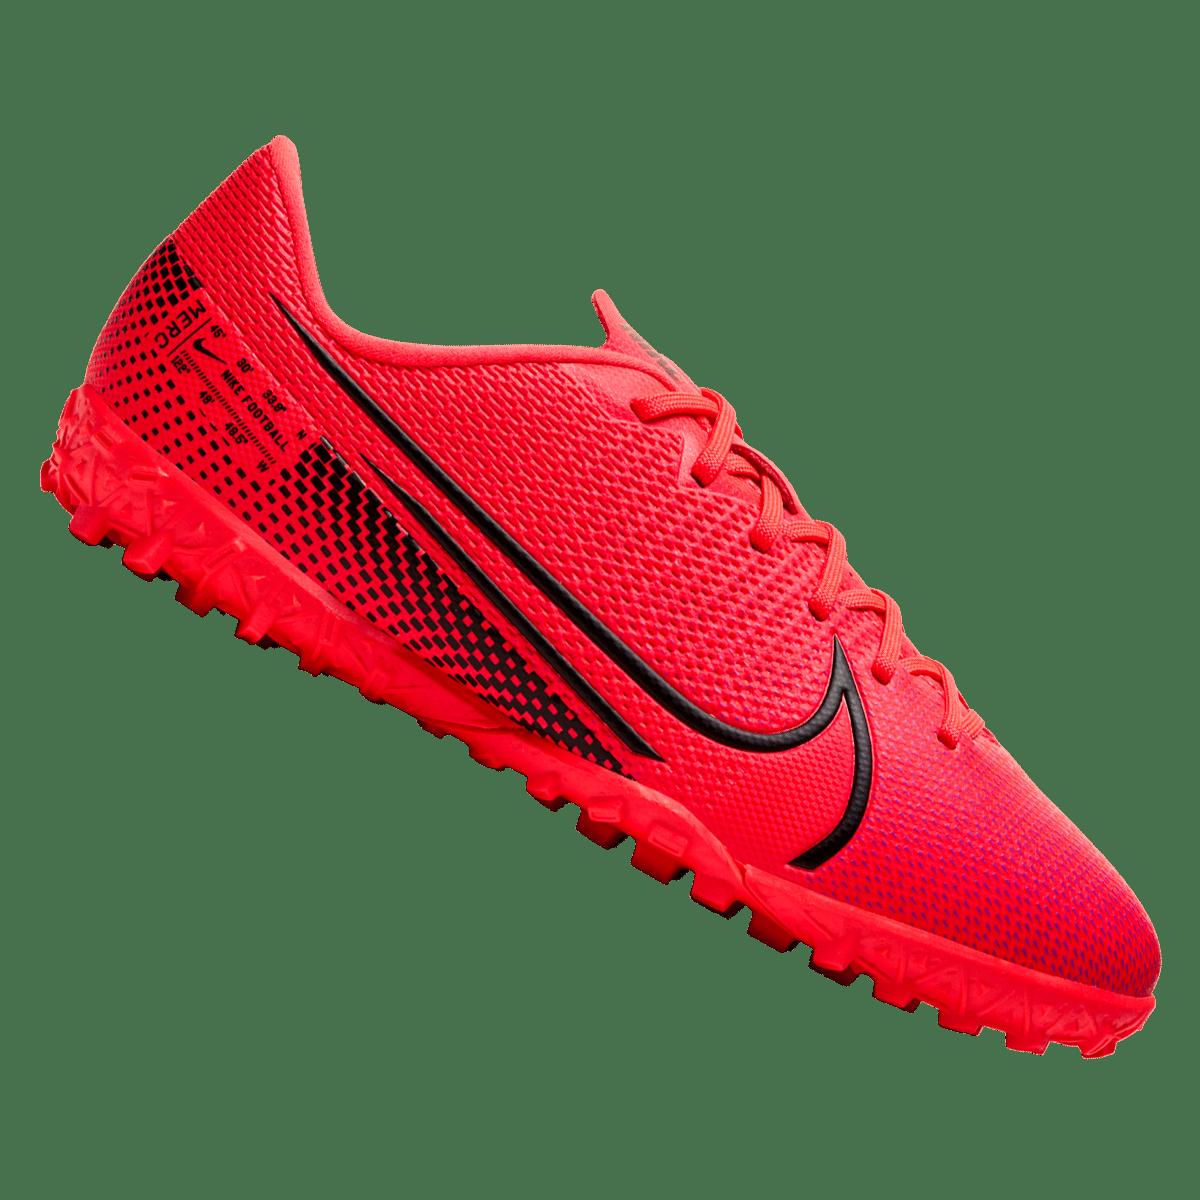 Nike Mercurial Vapor XIII Academy TF J műfüves gyerek futballcipő pirosfekete